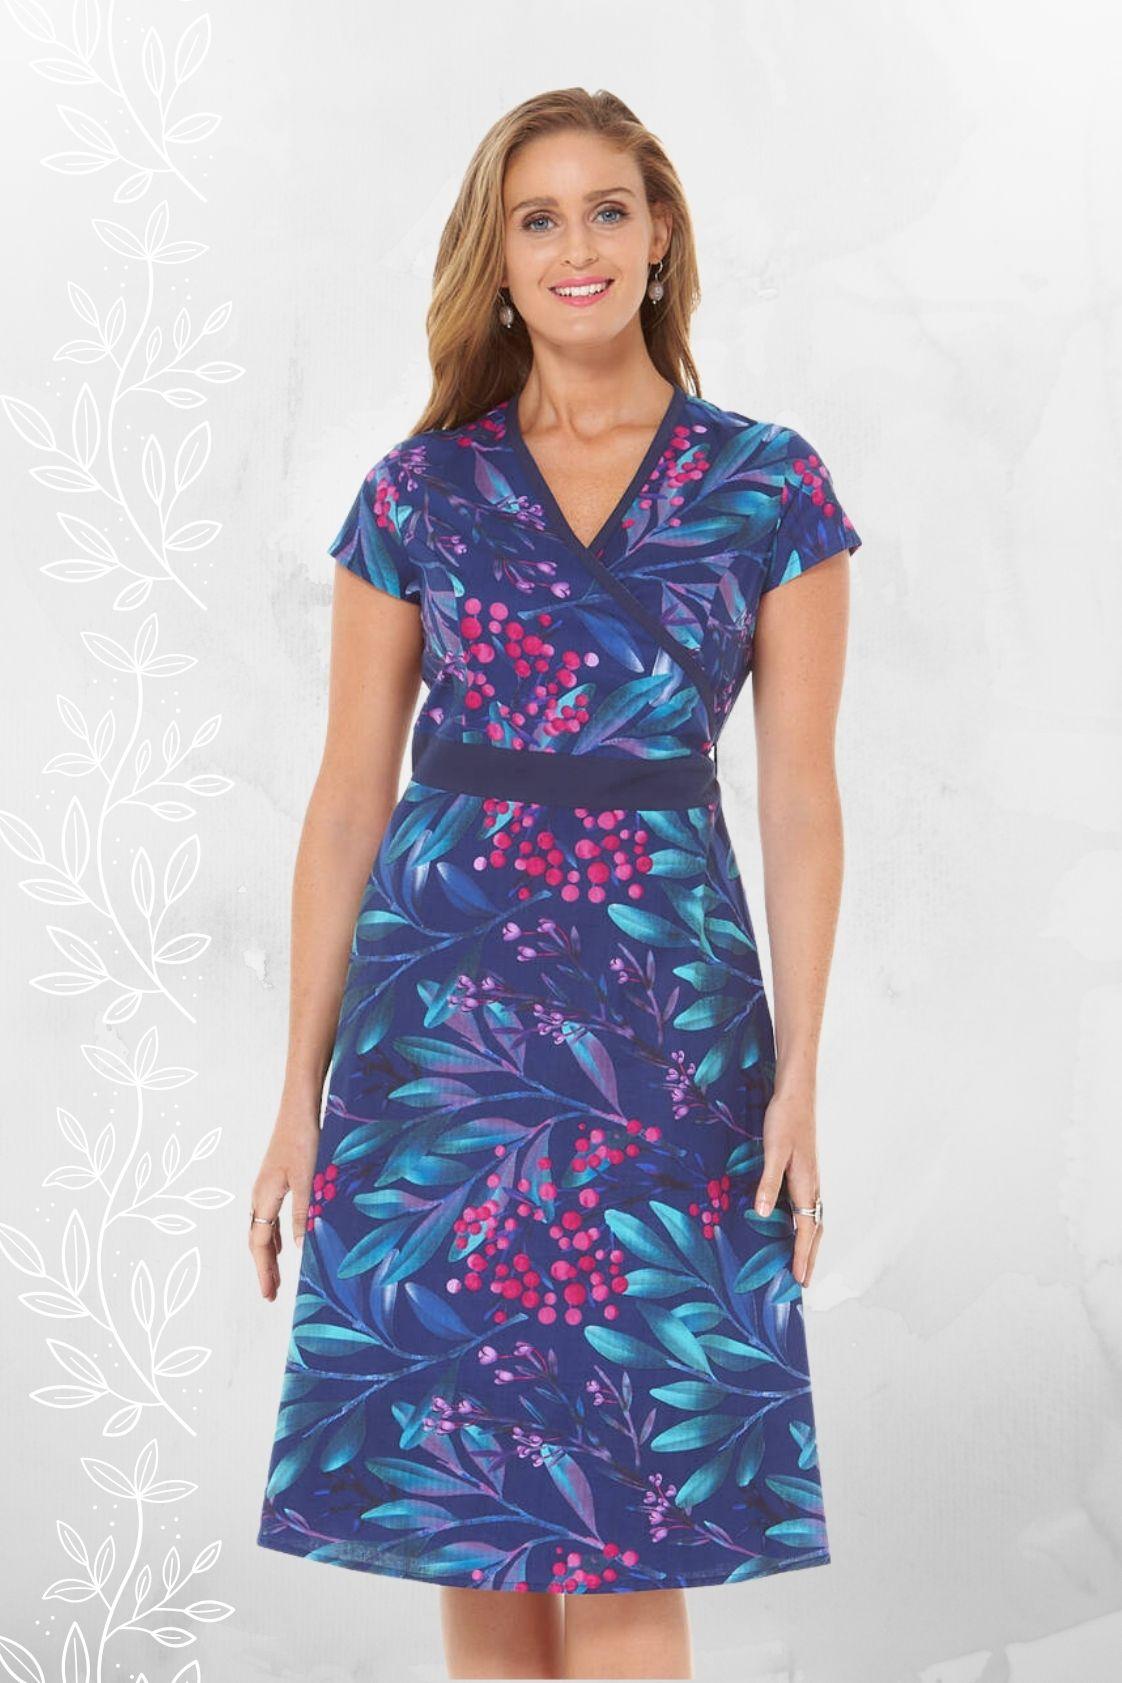 Leela Cotton Wrap Dress - Berry Print